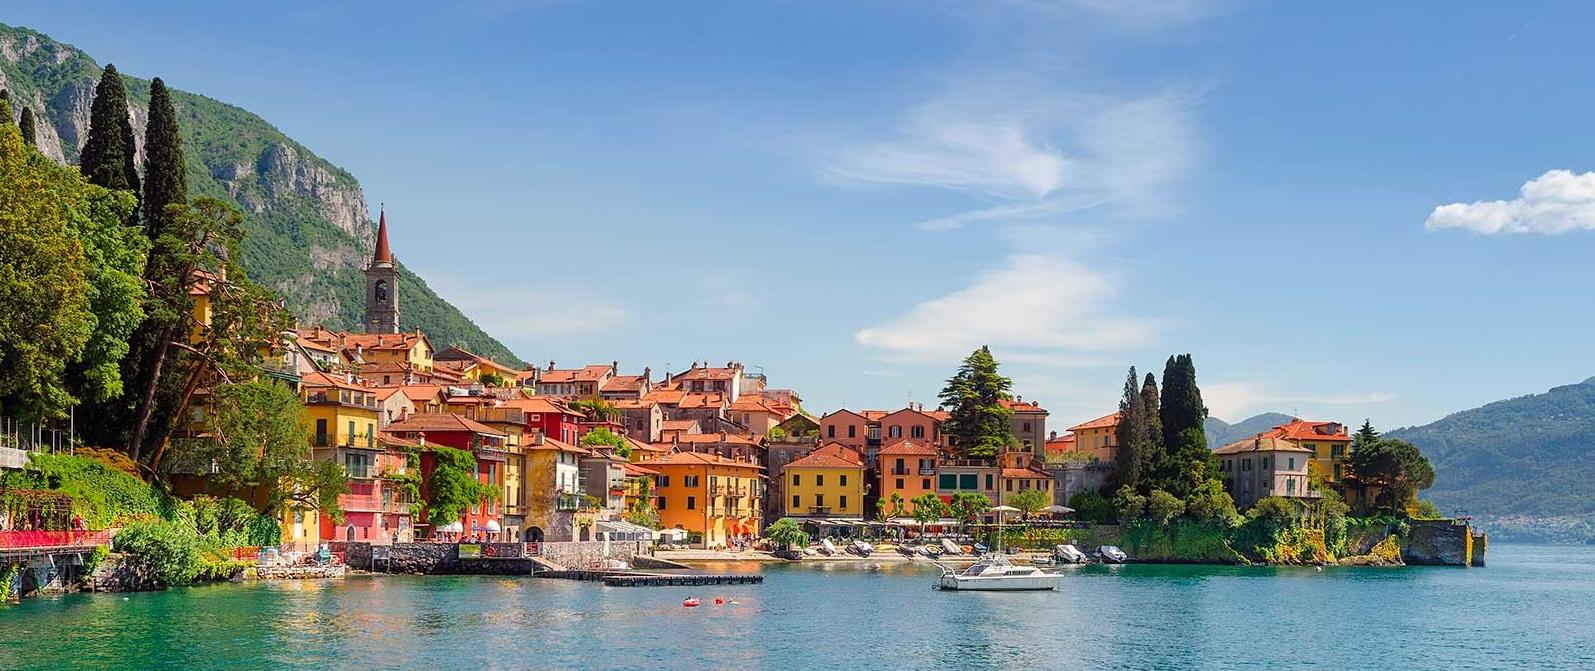 Lago_di_Como_ville_in_vendita